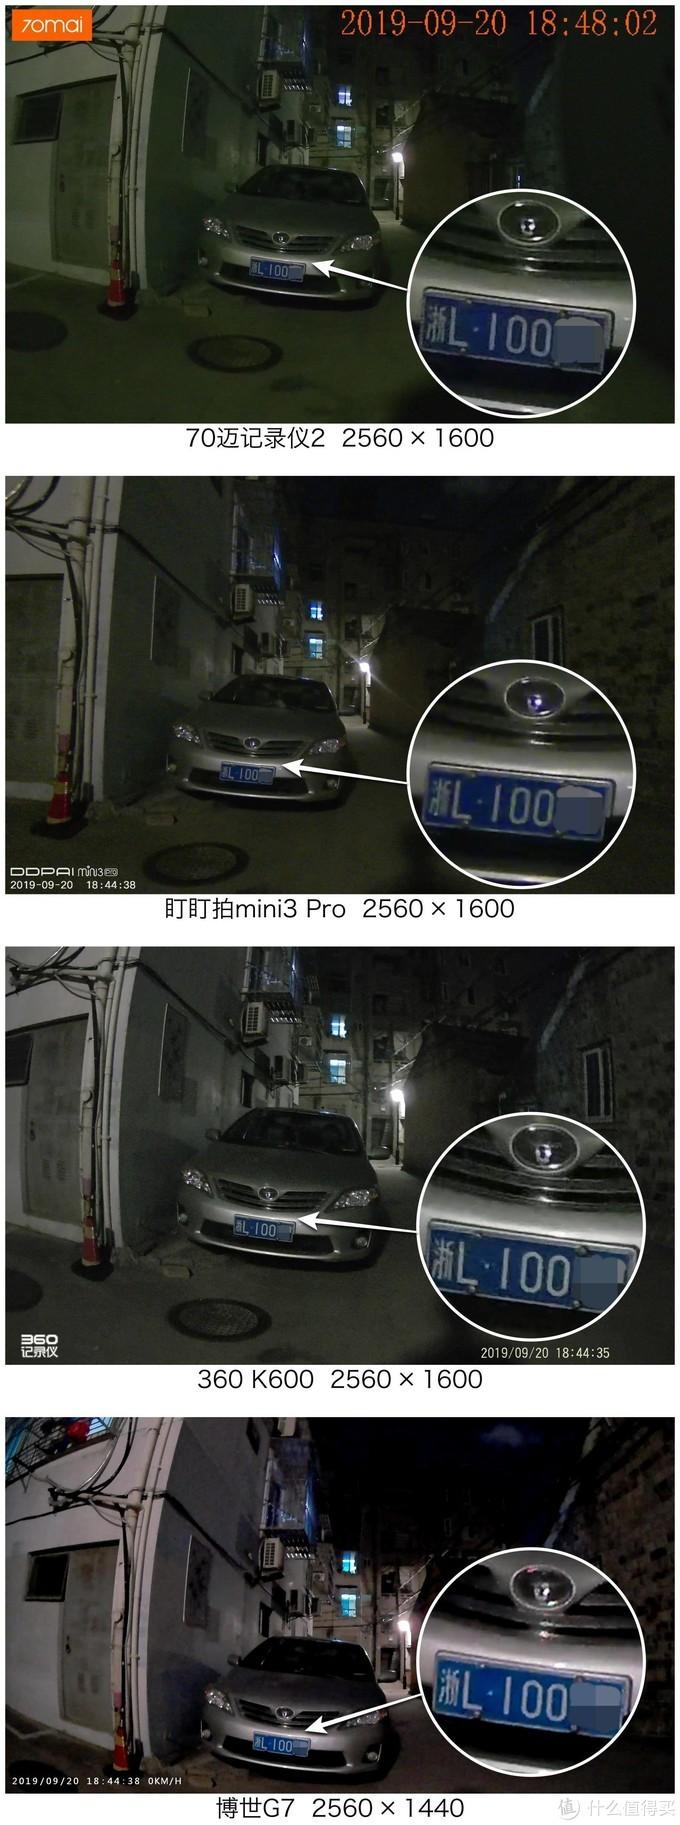 老司机秘籍No.65:300~800元隐藏式记录仪横评 10项PK深度解析